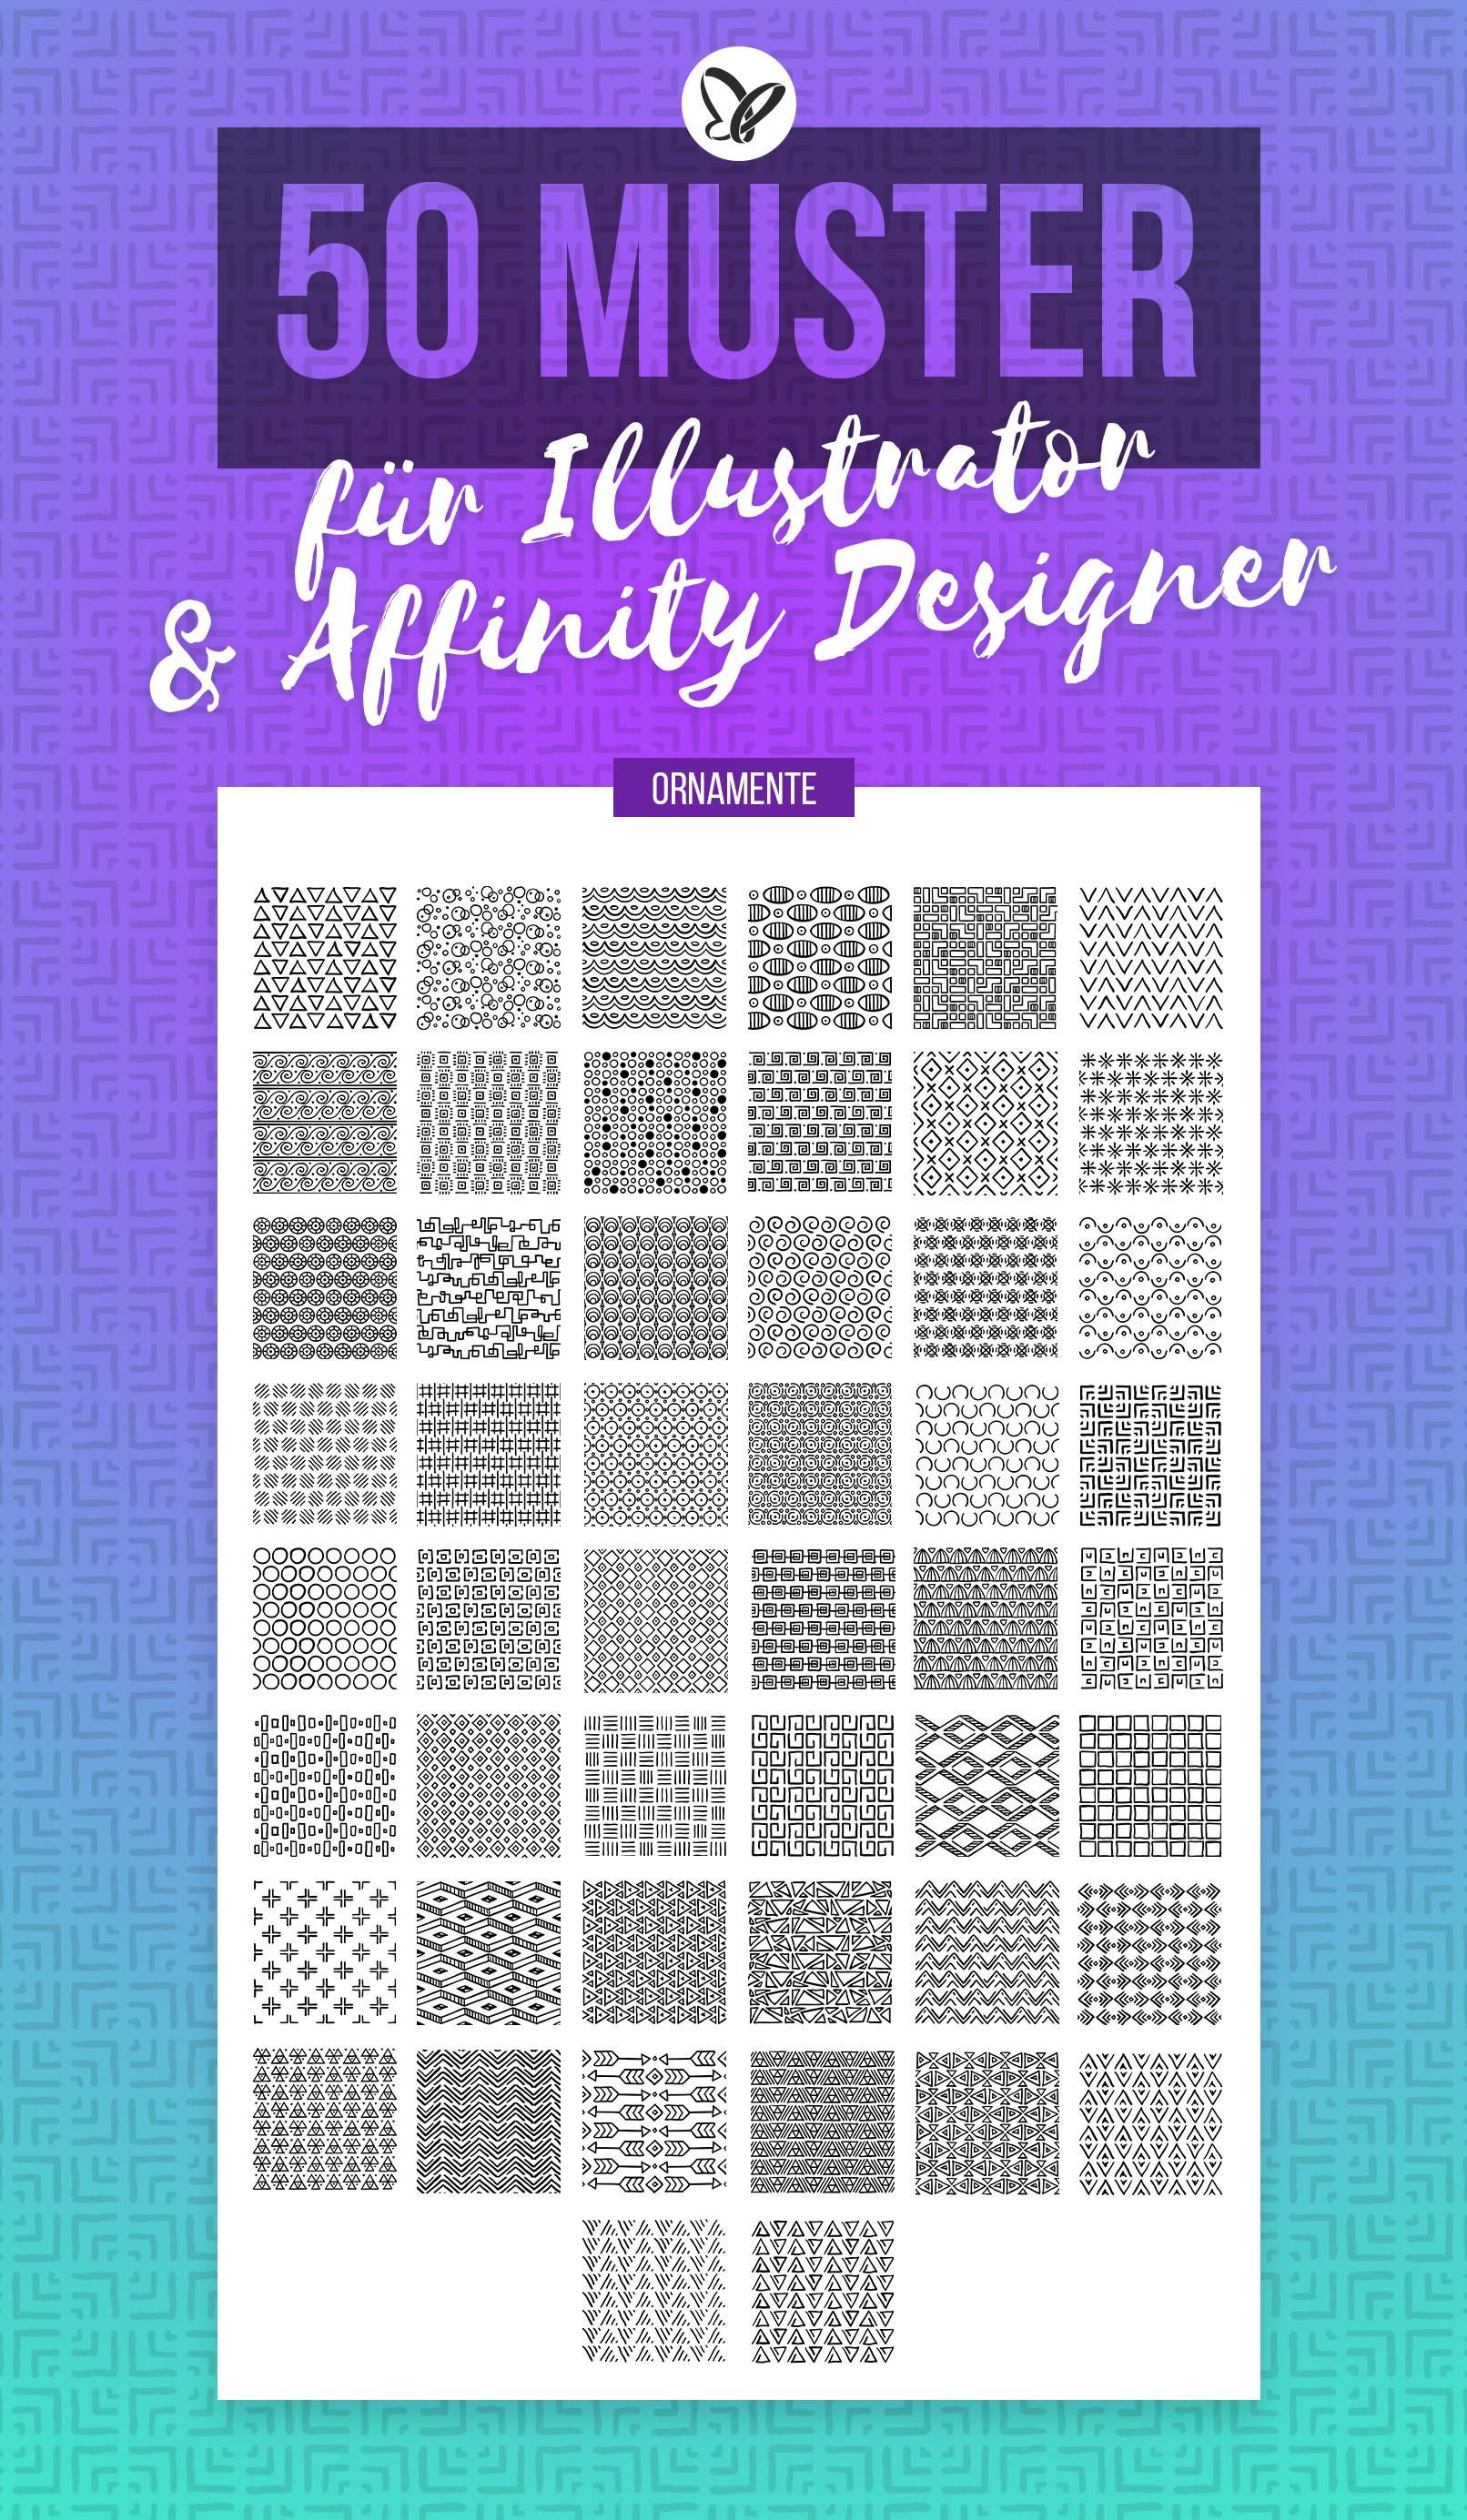 Vorschau auf die 50 vektorbasierten Ornamente für Adobe Illustrator und Affinity Designer